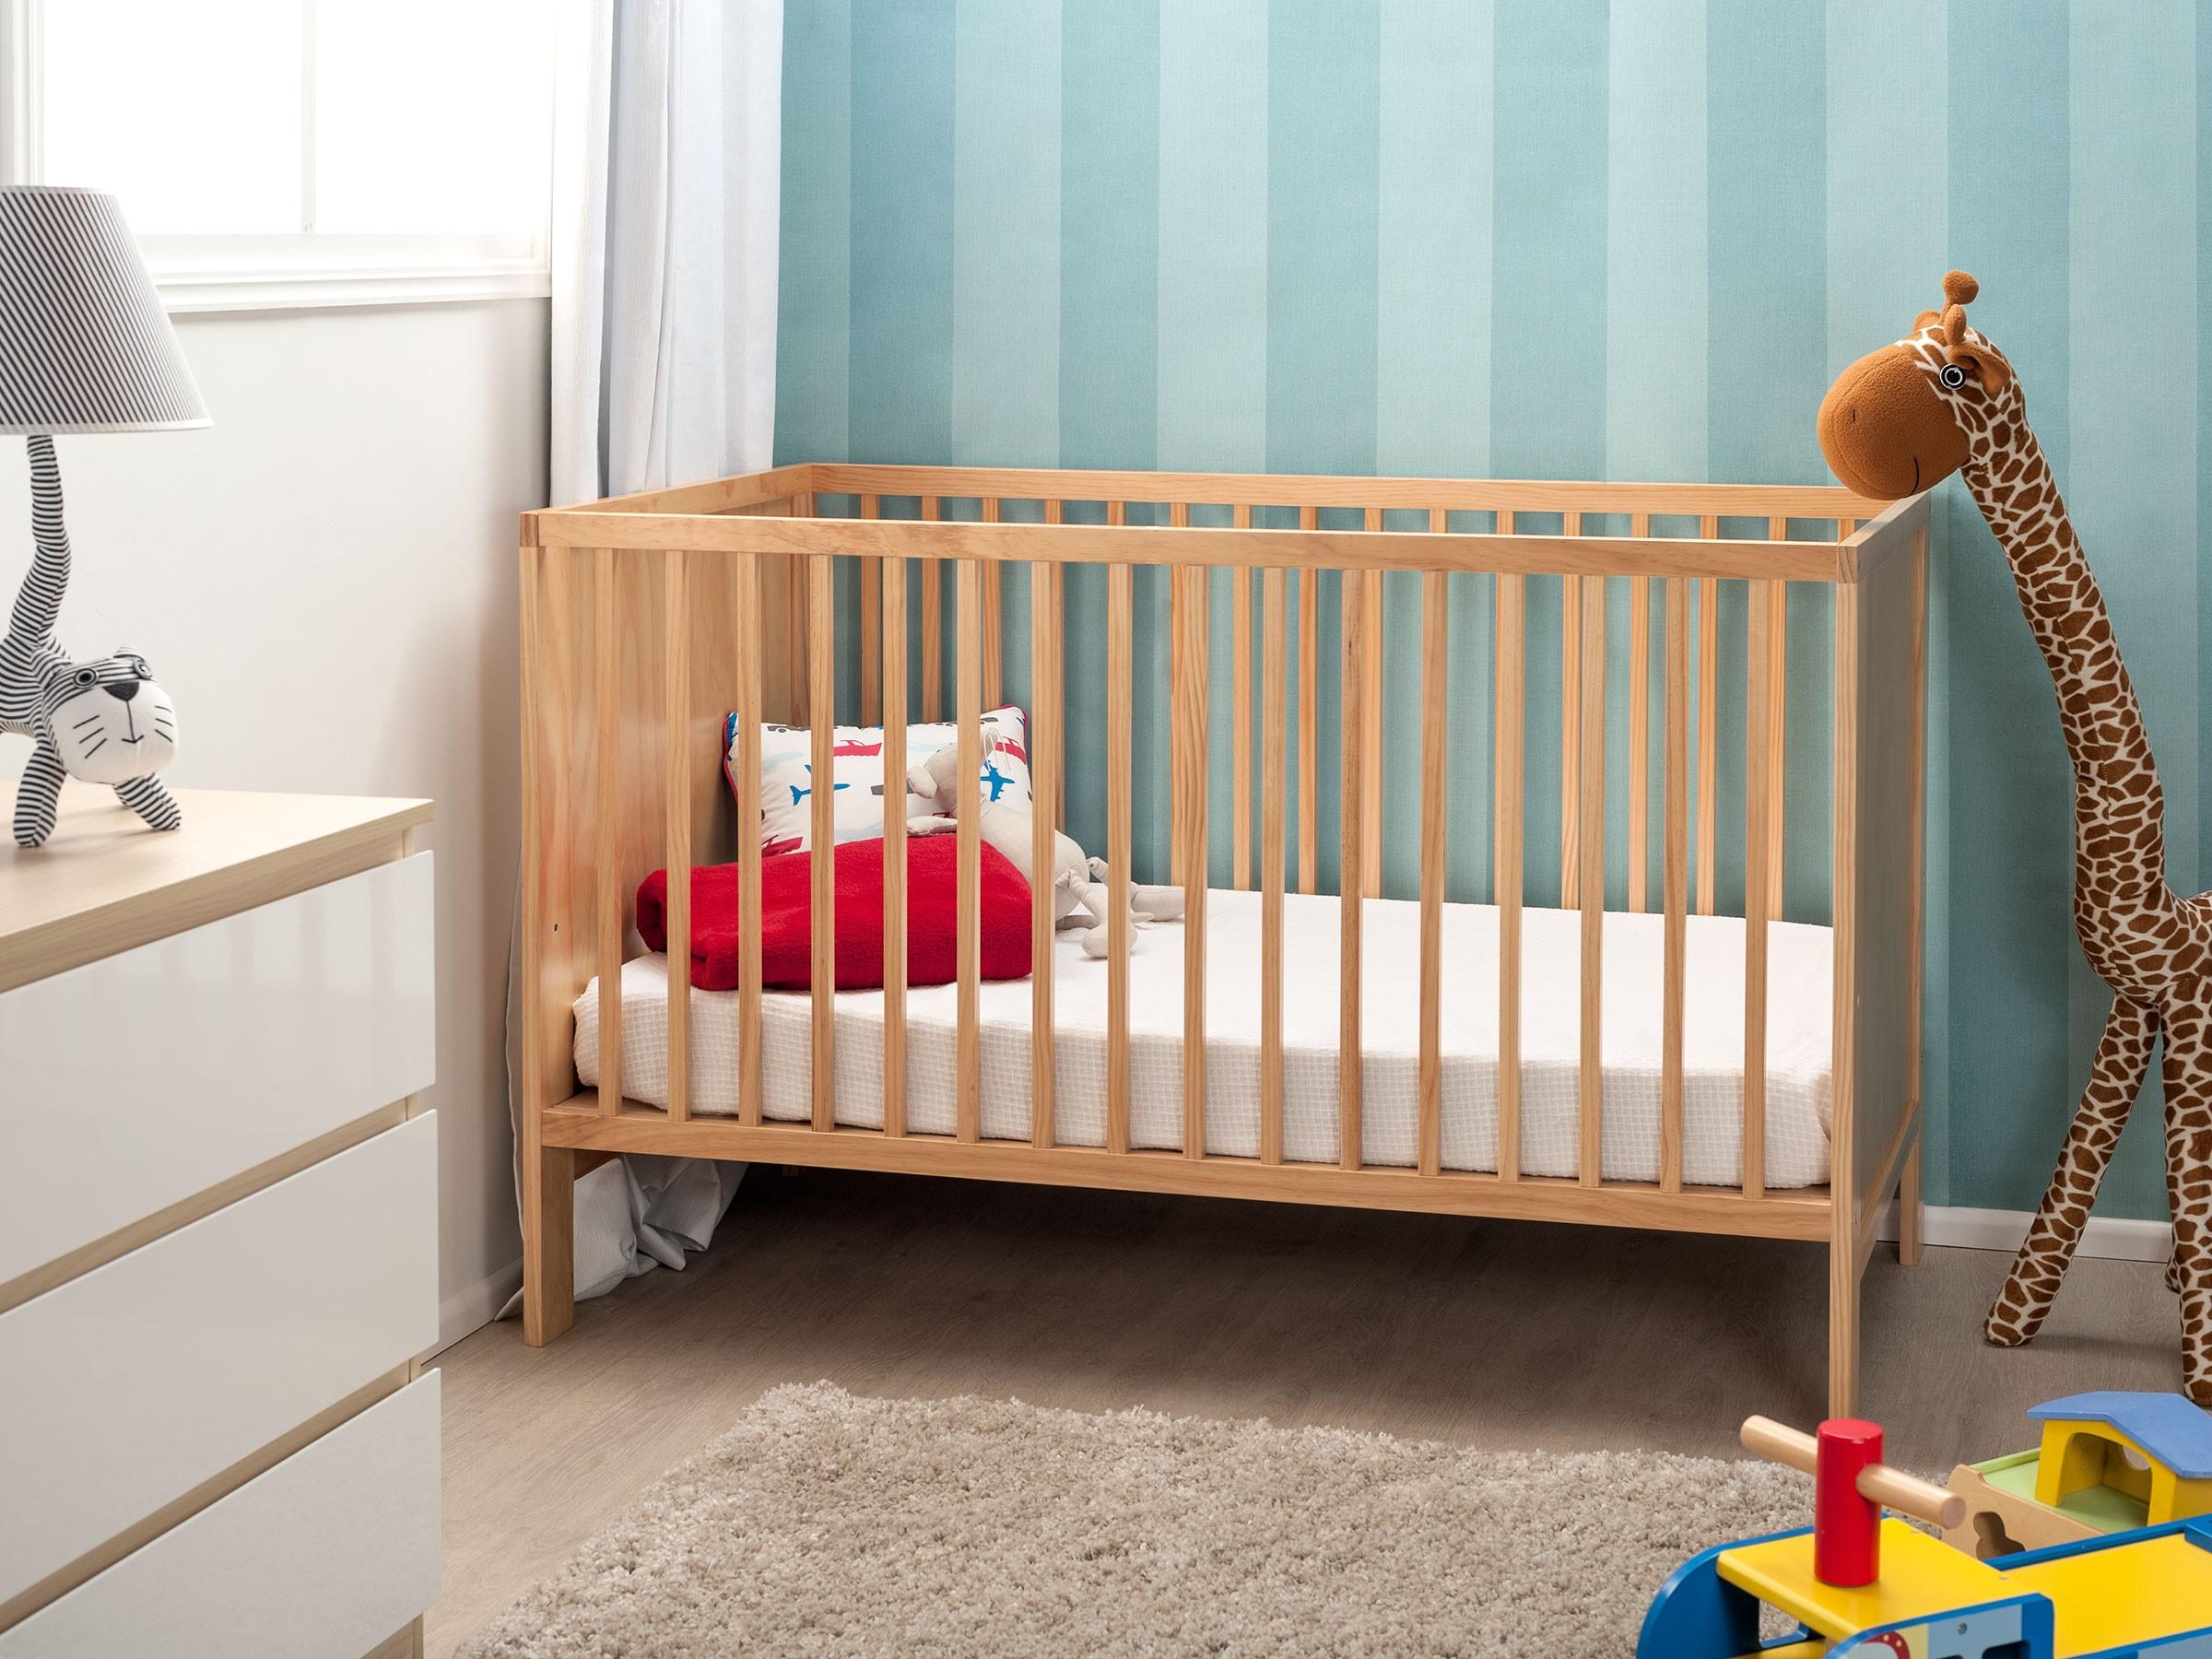 baby cot mocka aspiring cot | baby cots PJNKNMP